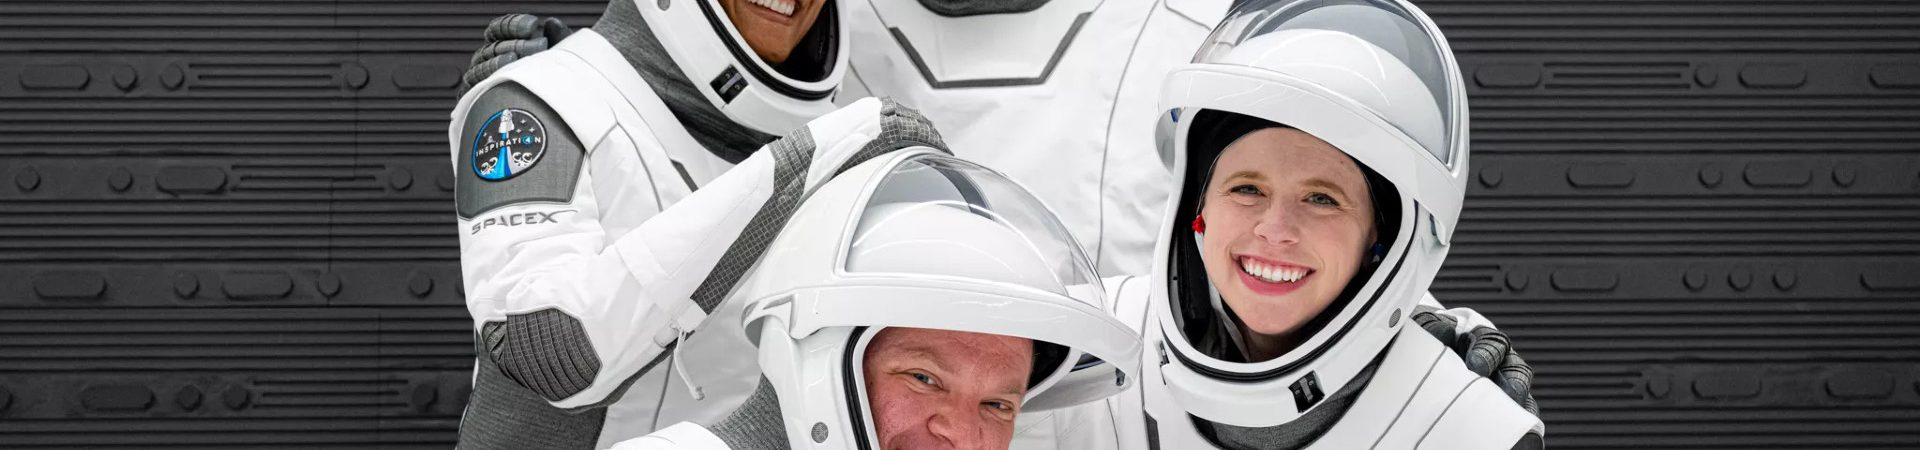 Imagem dos quatro tripulantes da missão Insiration4. da SpaceX, já em seus trajes espaciais